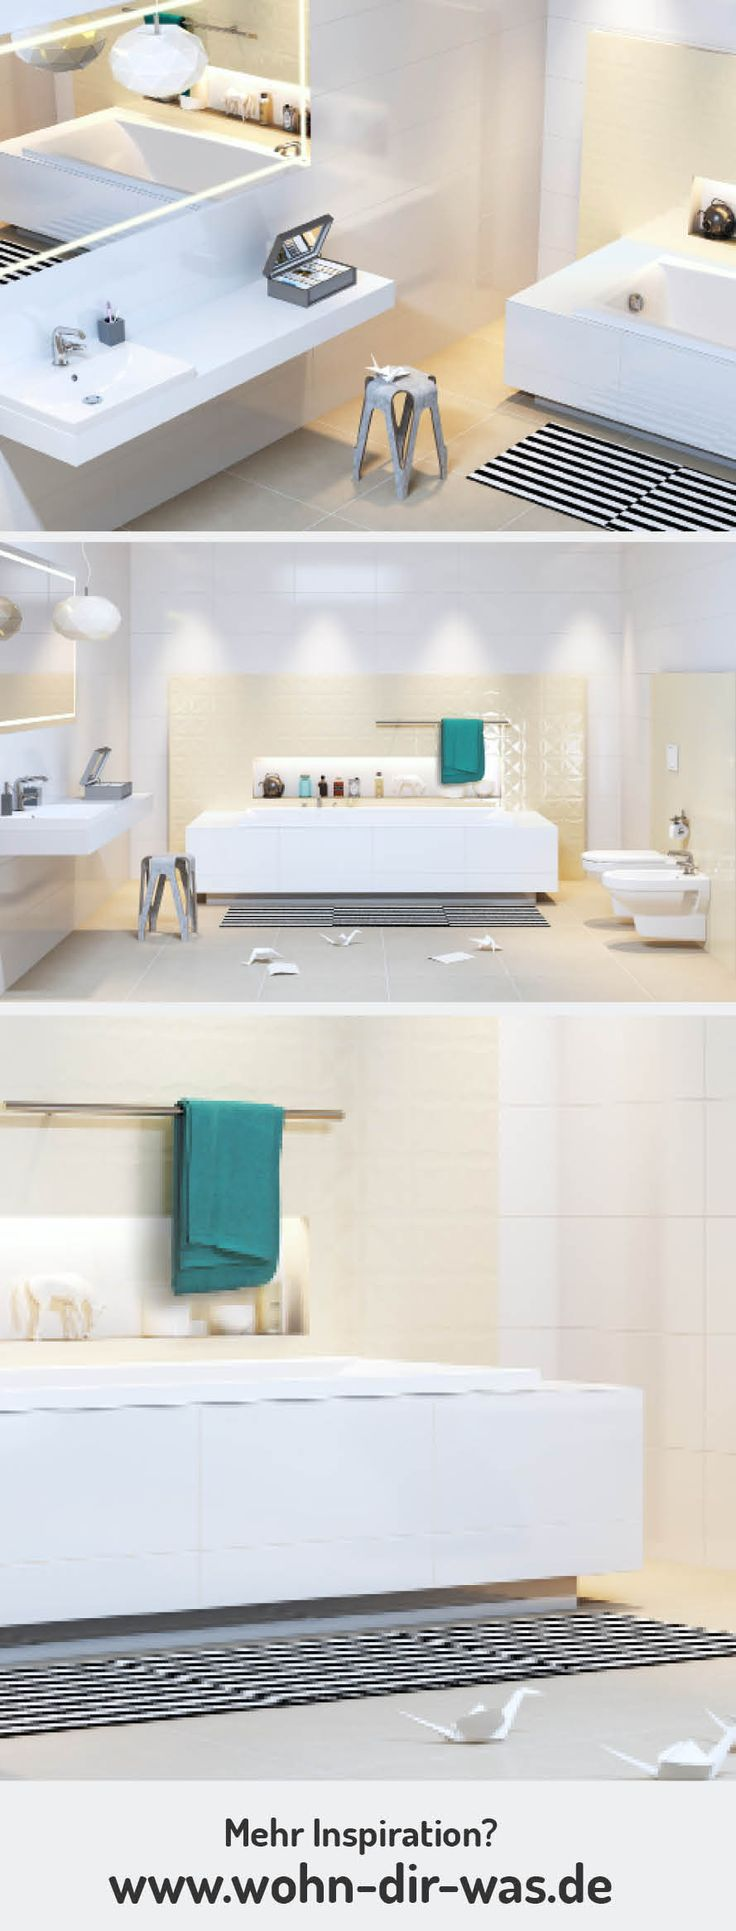 Cool Was w nschst du dir f rs neue Bad Halte alle deine W nsche auf deinem pers nlichen Badezimmer